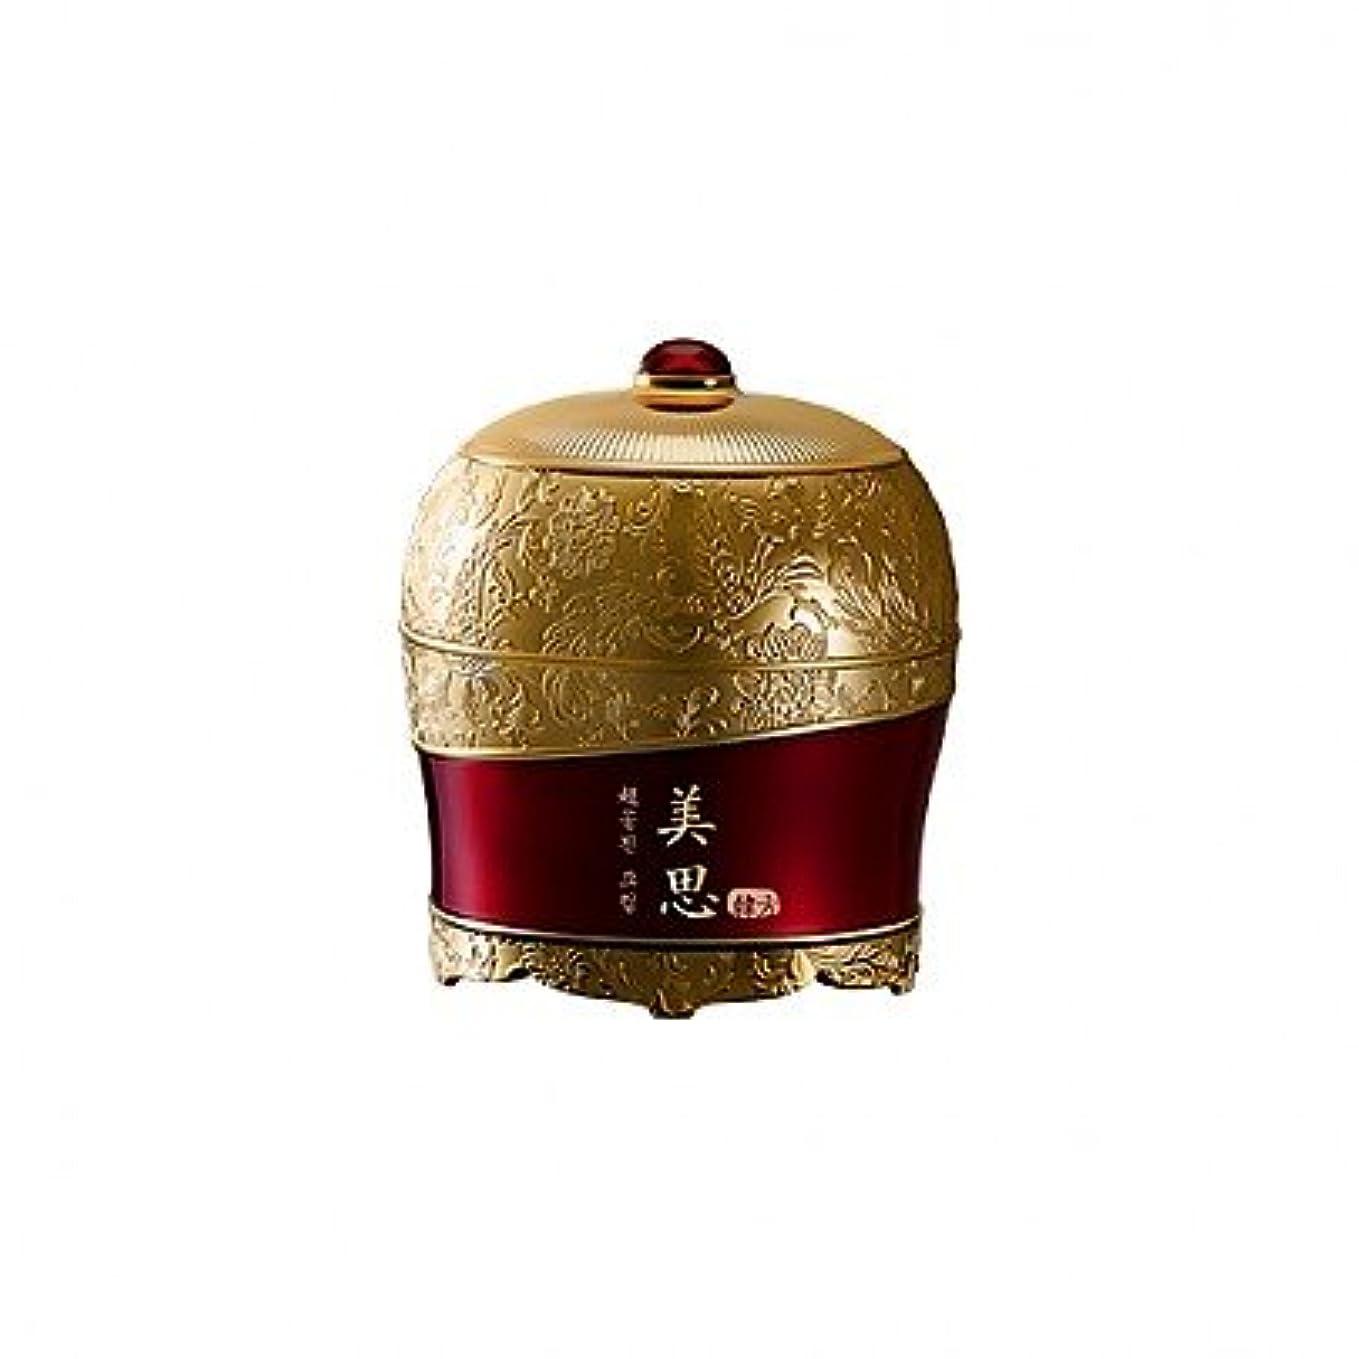 卑しい可愛い赤面MISSHA/ミシャ チョゴンジン クリーム (旧チョボヤン) 60ml[海外直送品]